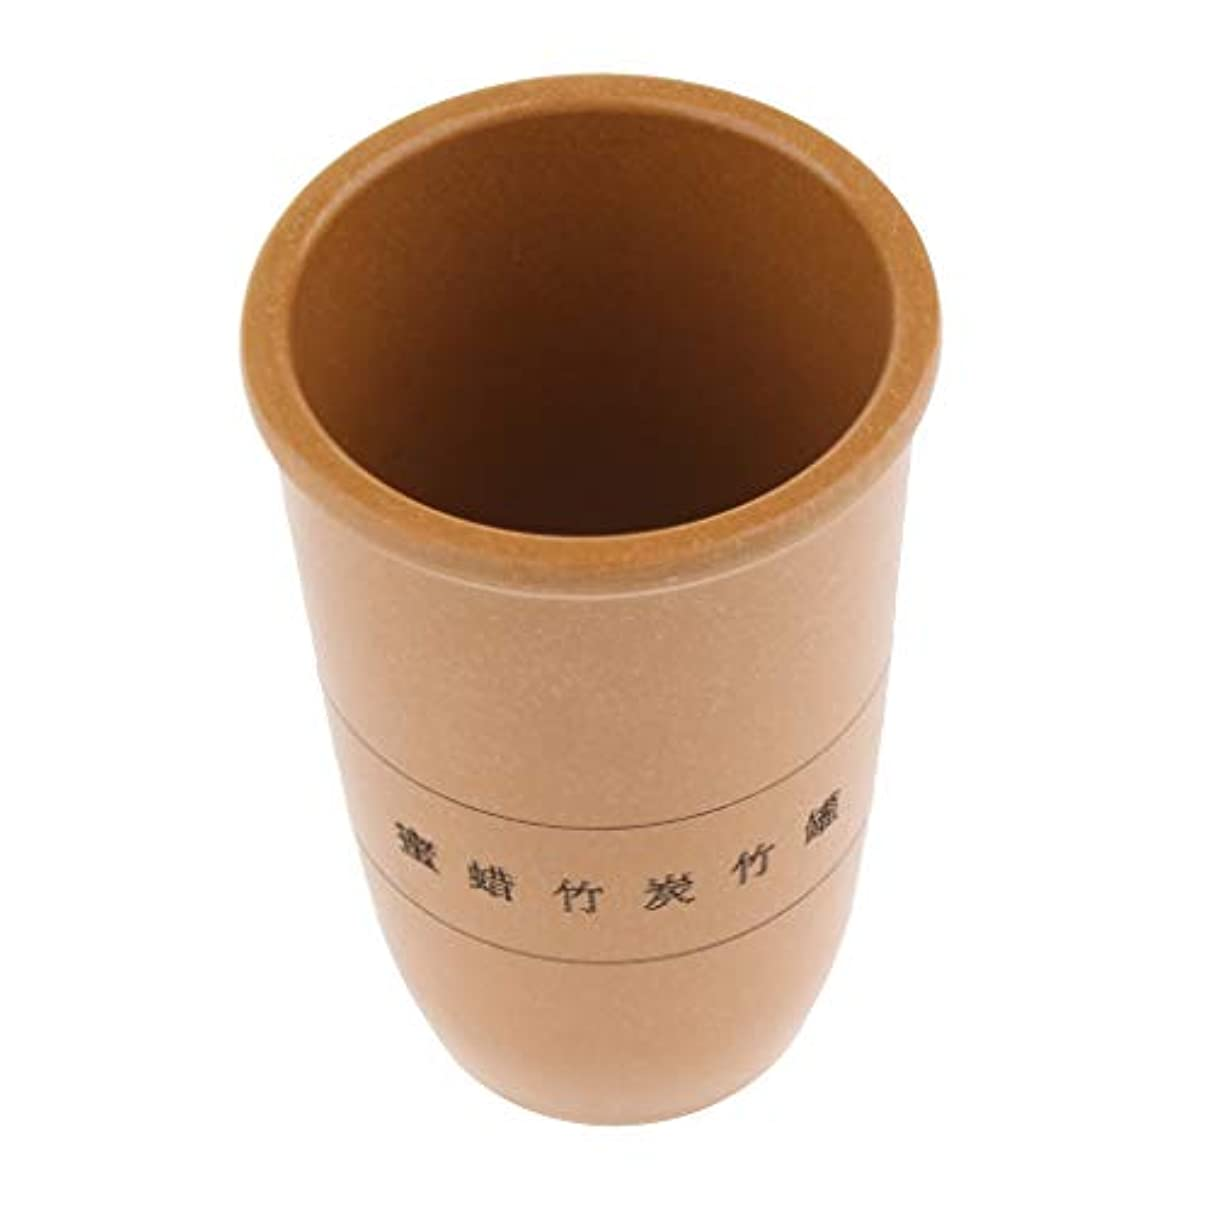 痛み無駄だの面ではPerfeclan 中国 伝統的 カッピング 吸い玉 ボディマッサージ 竹ウッド製 腫脹減軽 抗セルライト 3サイズ選ぶ - 黄, L